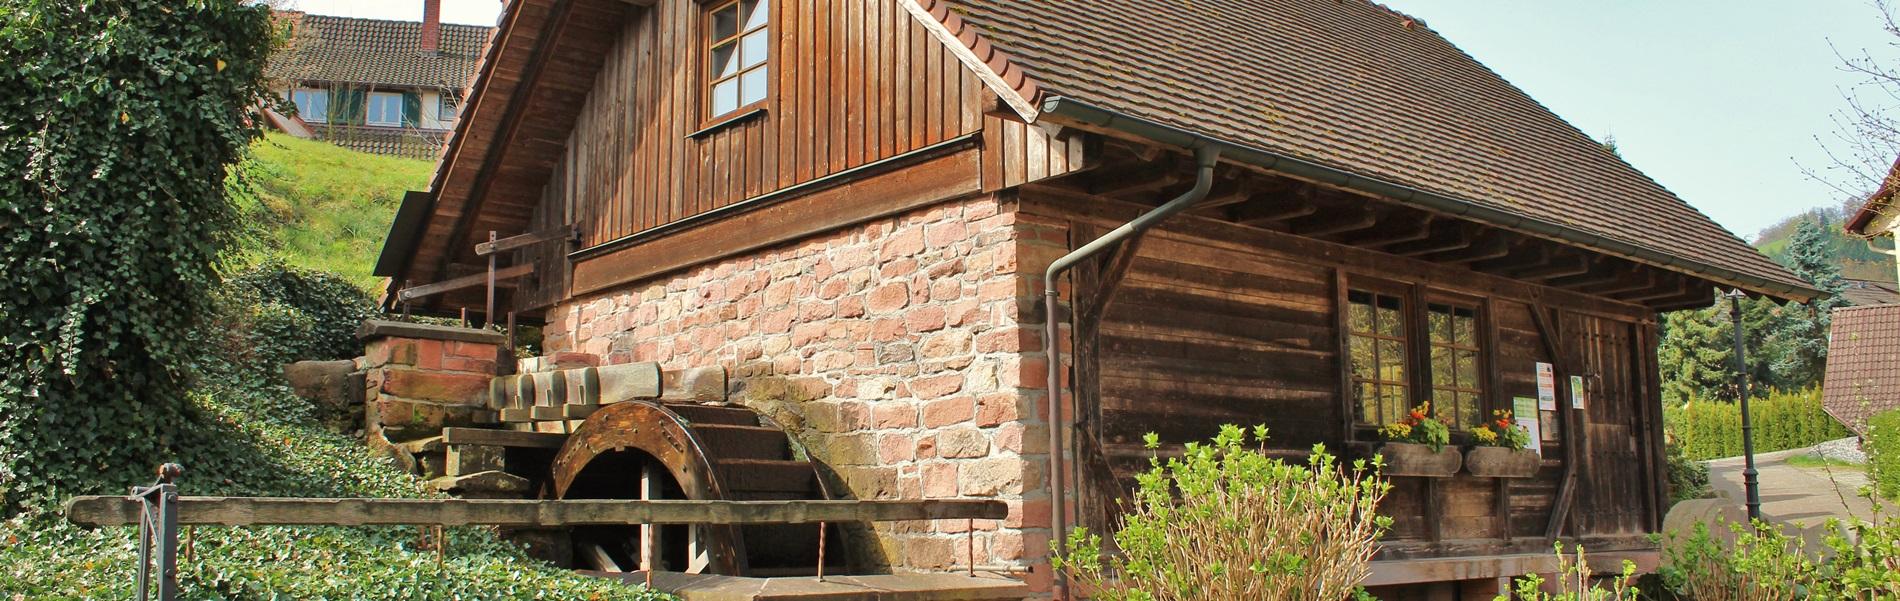 Alte Mühle Rathausplatz Oberharmersbach